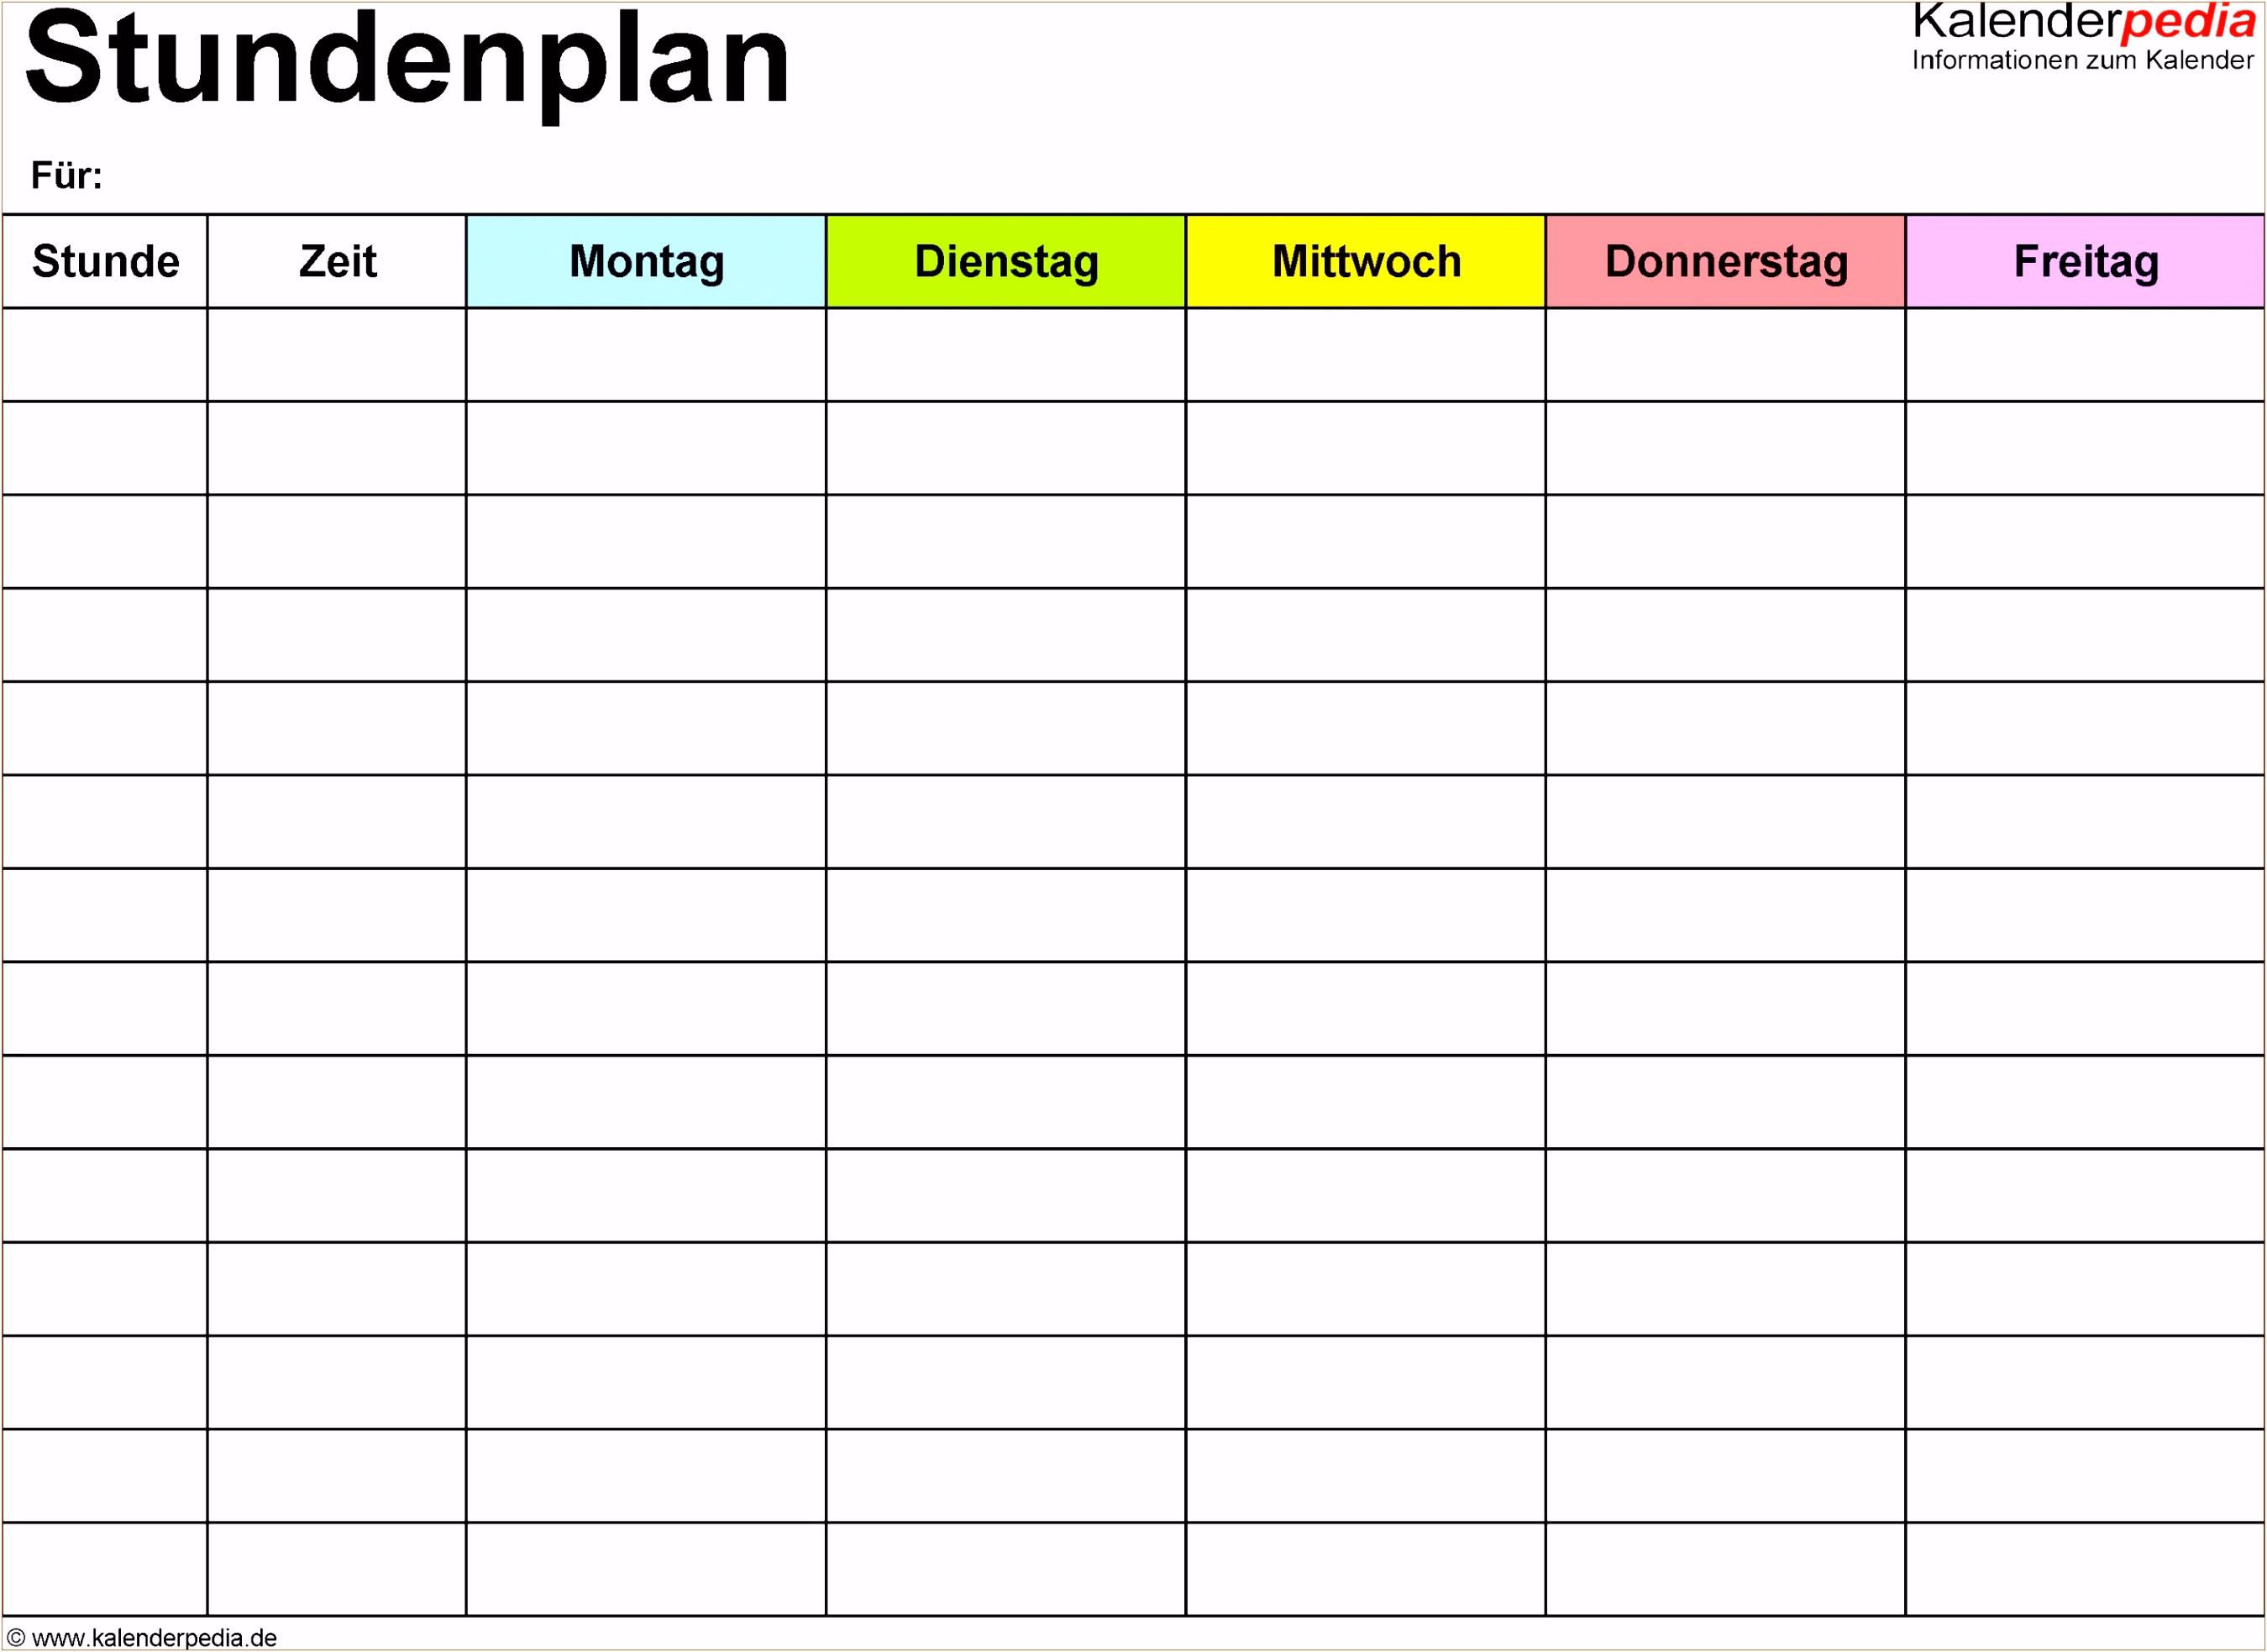 Stundenplan Vorlage Excel Ergebnistabelle Vorlage Beautiful Stundenplan Vorlage Excel R6ps43ils3 Mscfsvzkeu